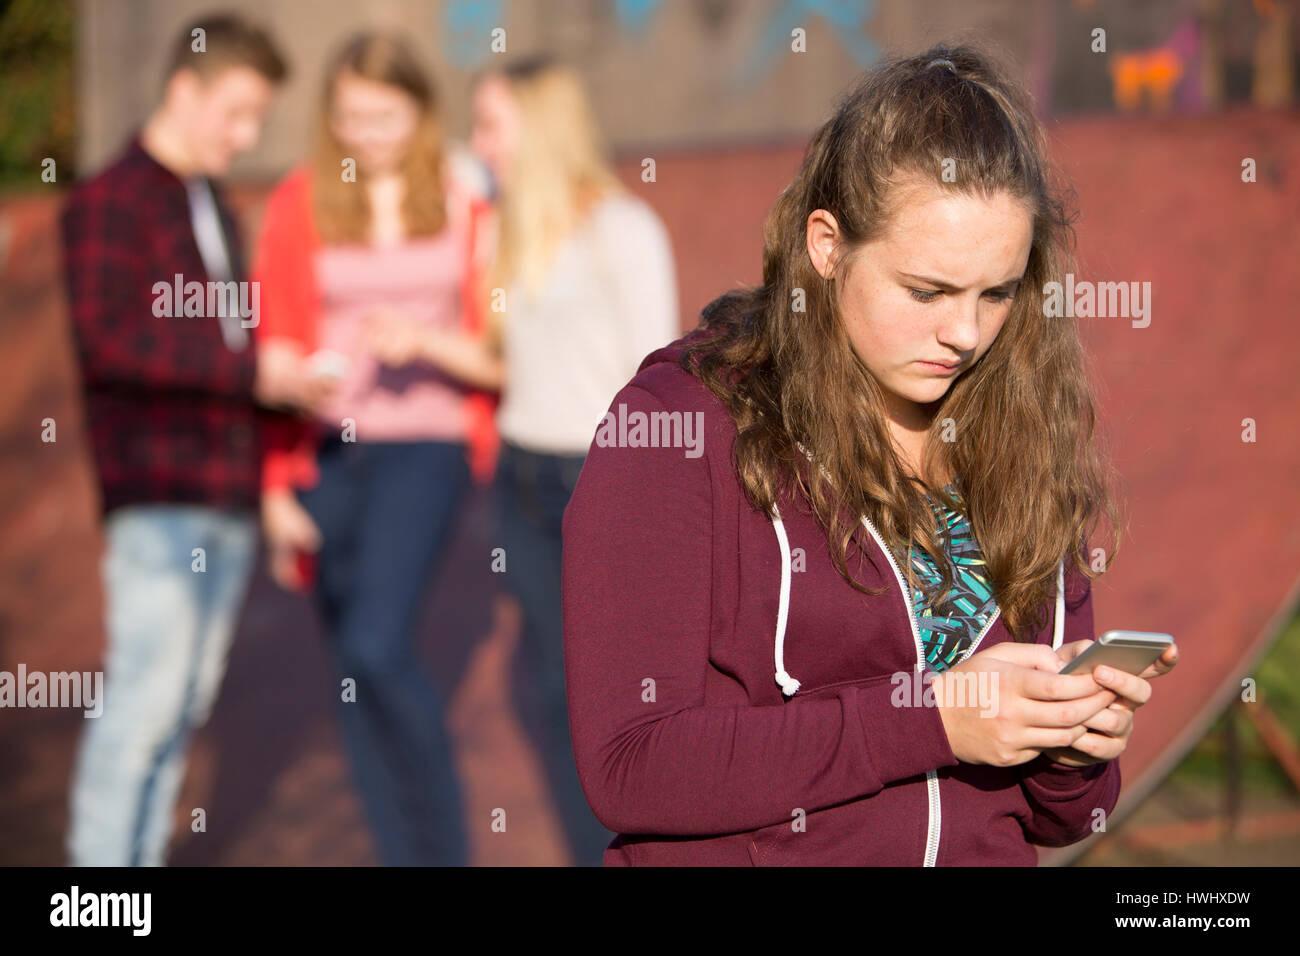 Ragazza adolescente vittima di bullismo mediante la messaggistica di testo Immagini Stock